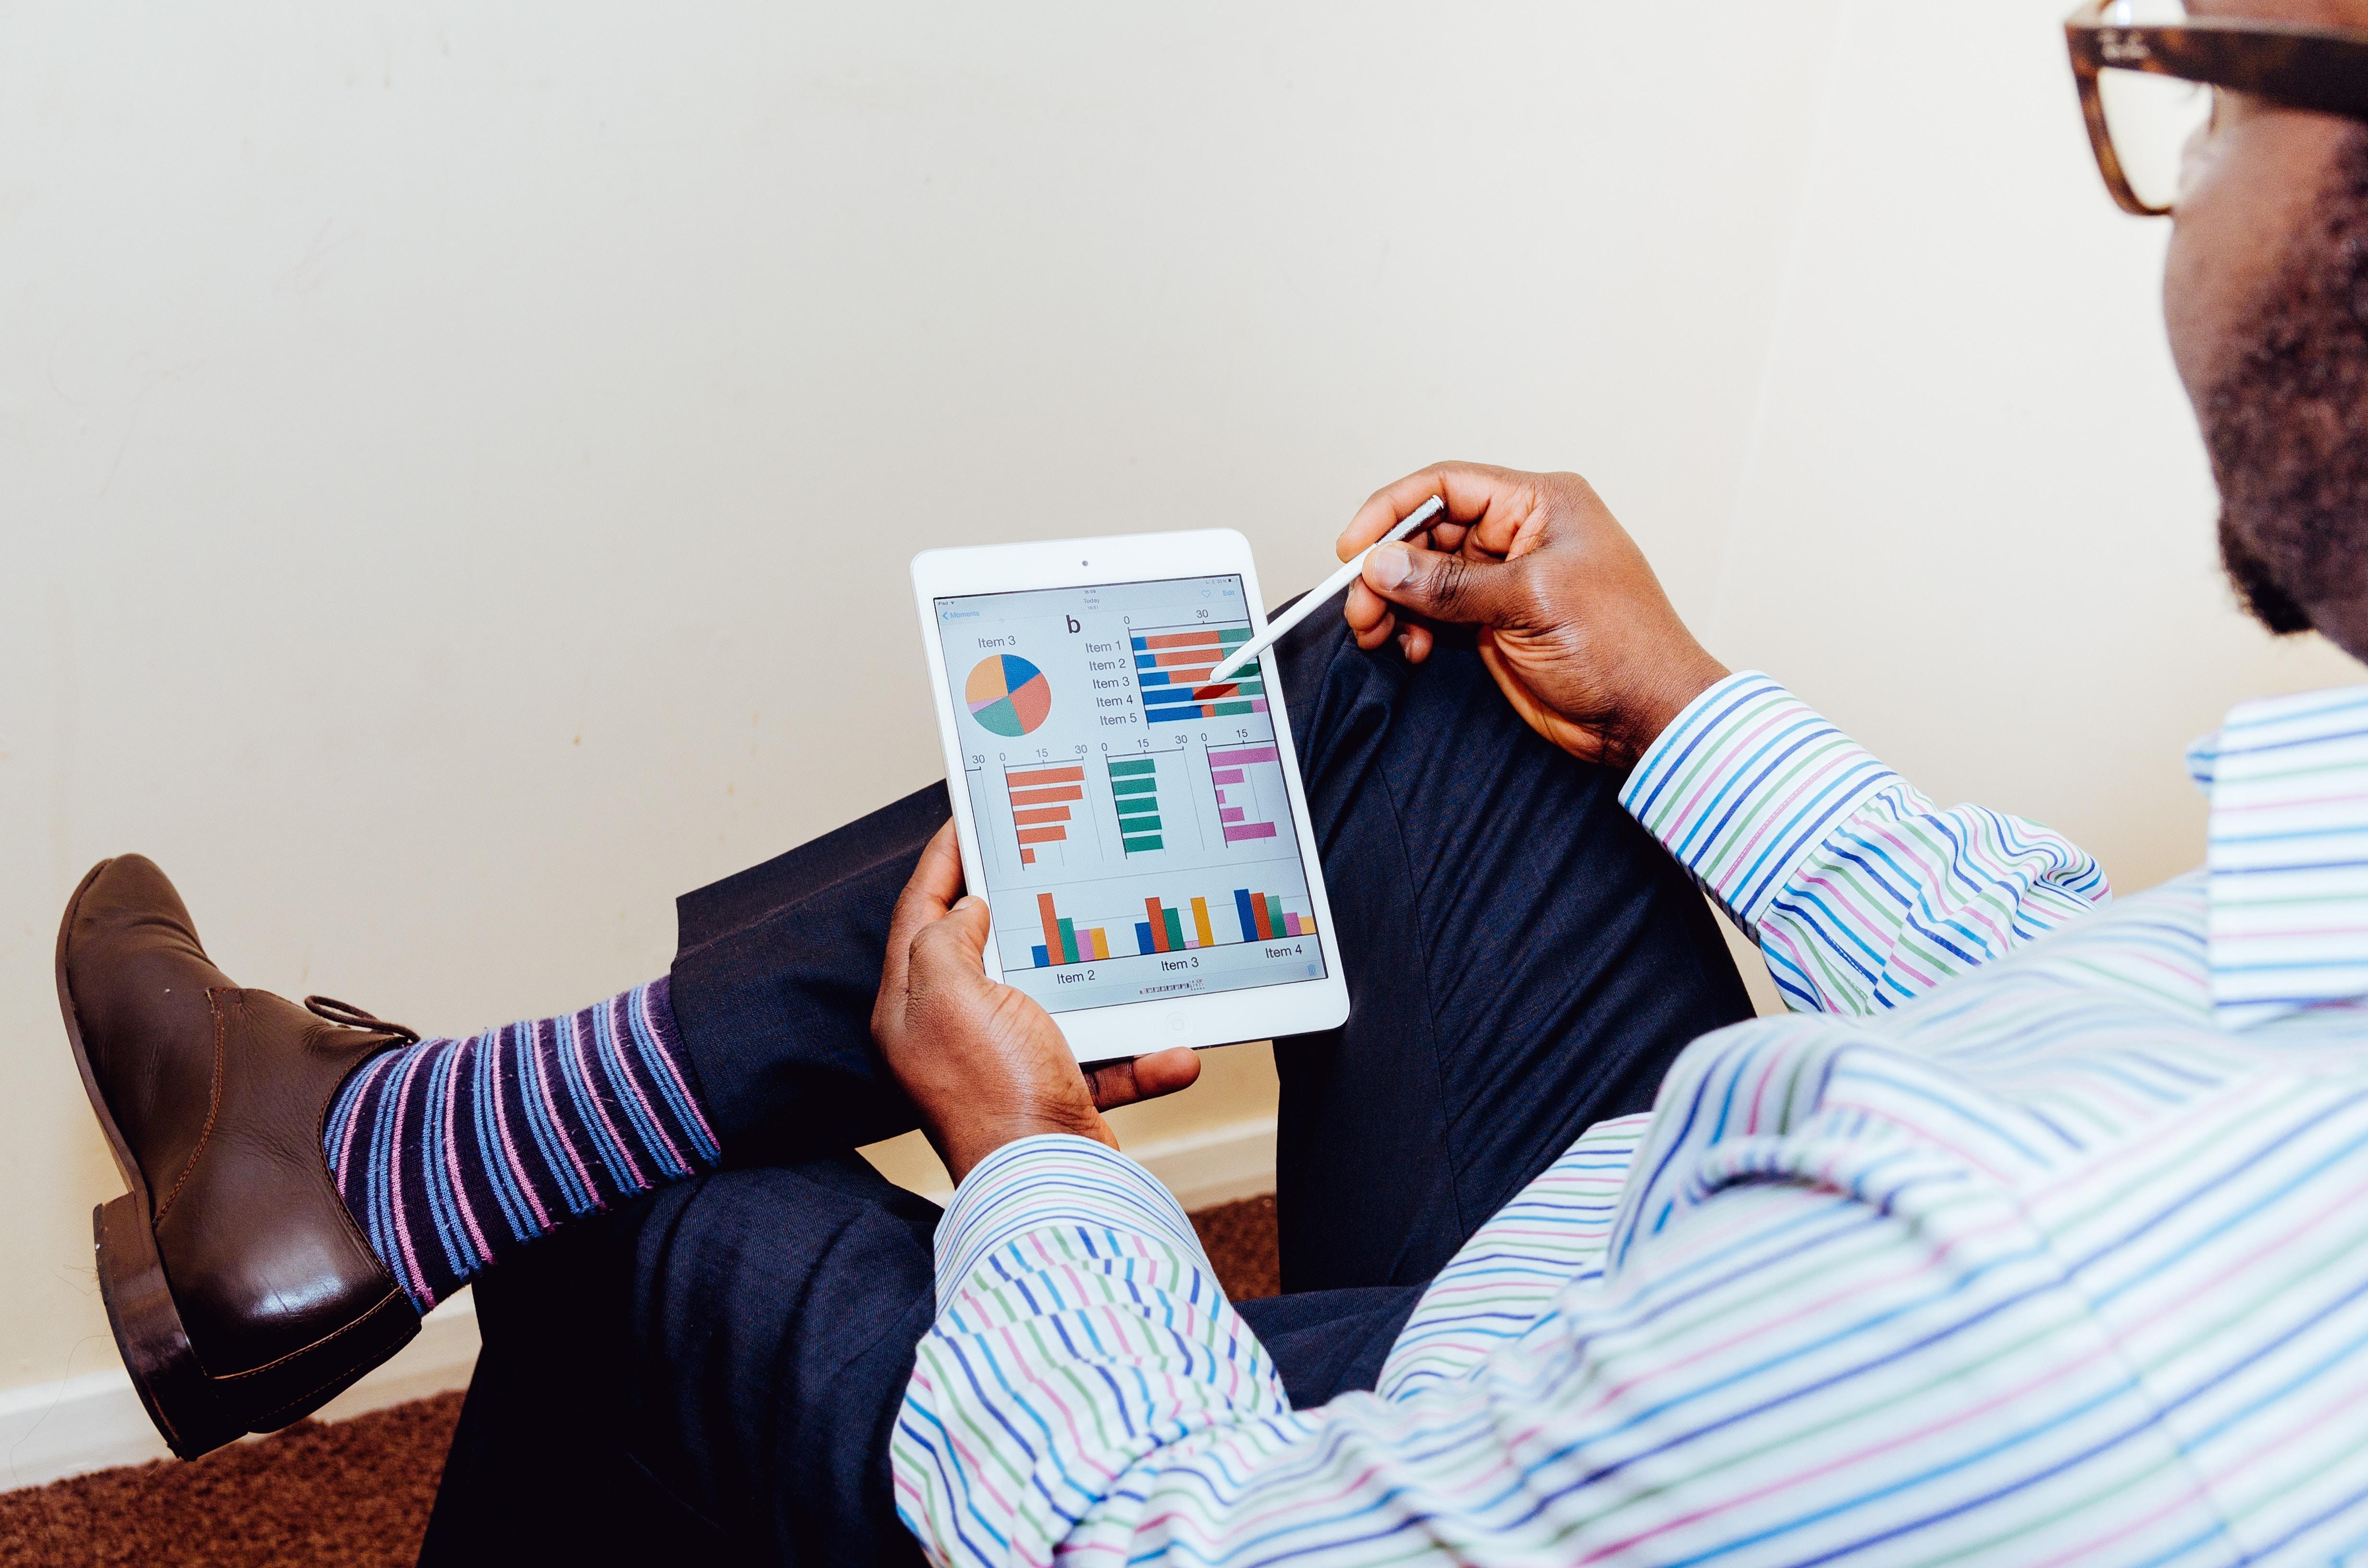 Pengguna sedang melihat statistik keuangan